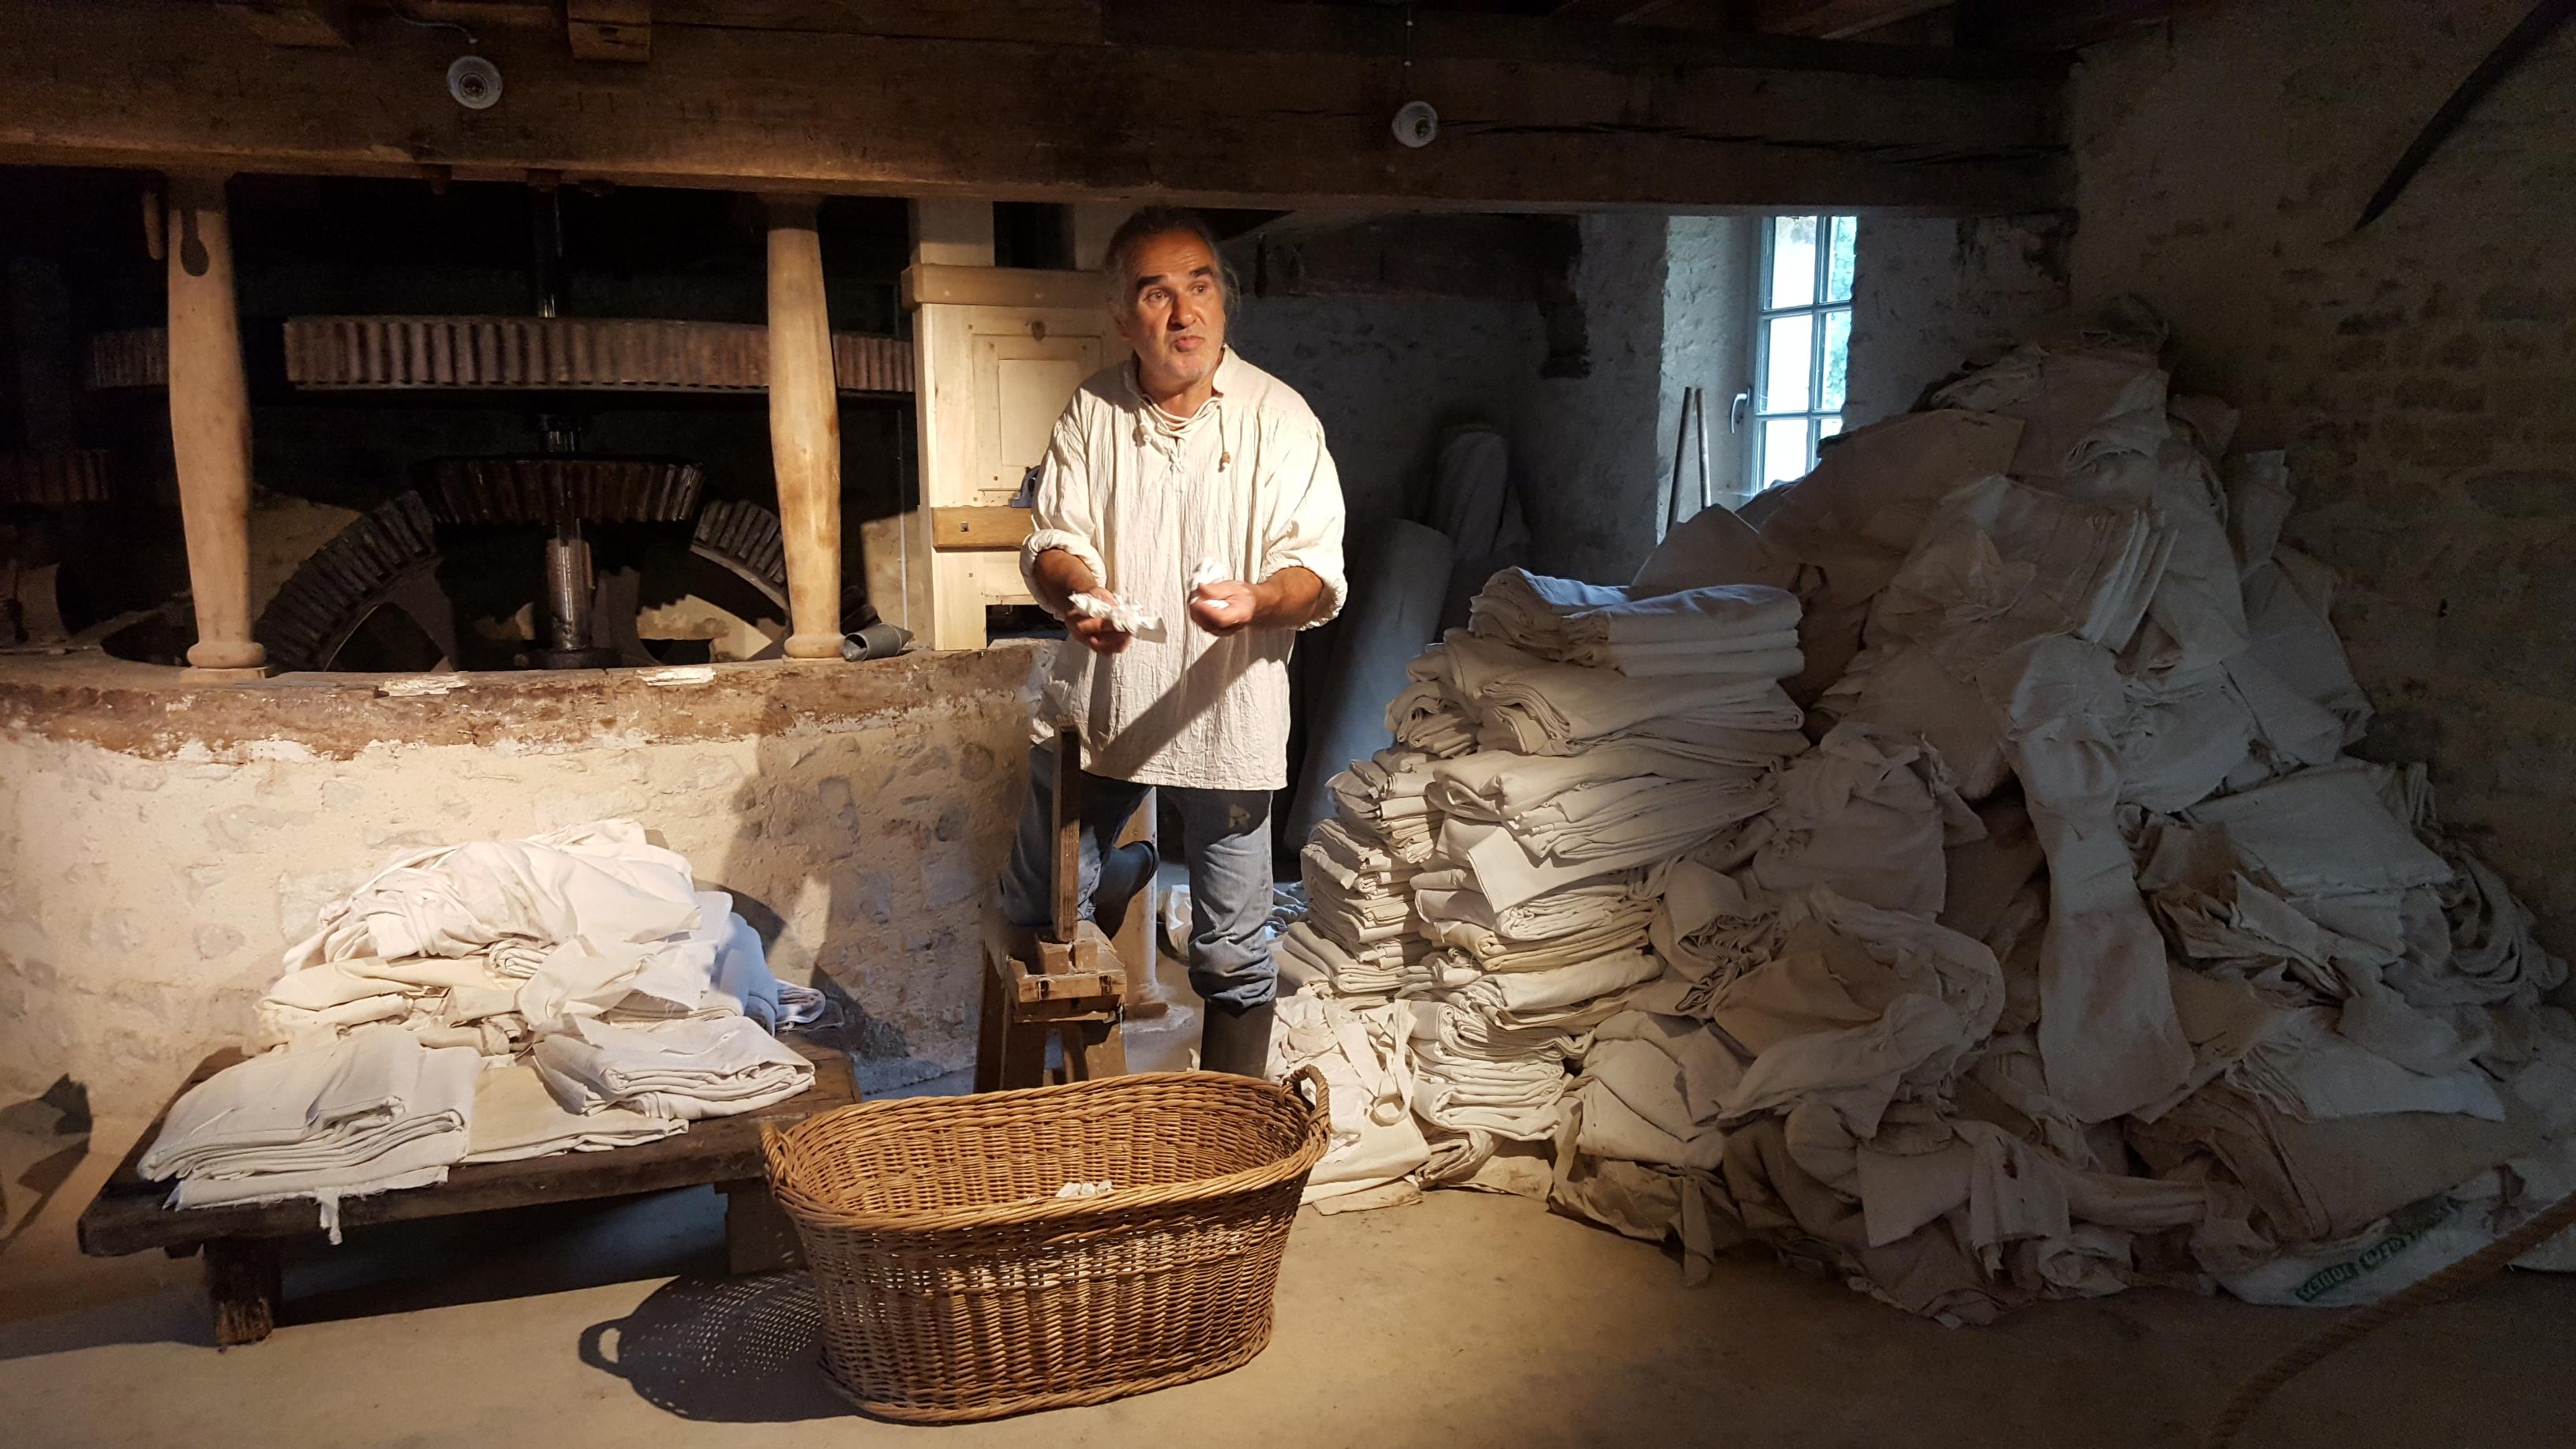 carlos robert moulin à papier